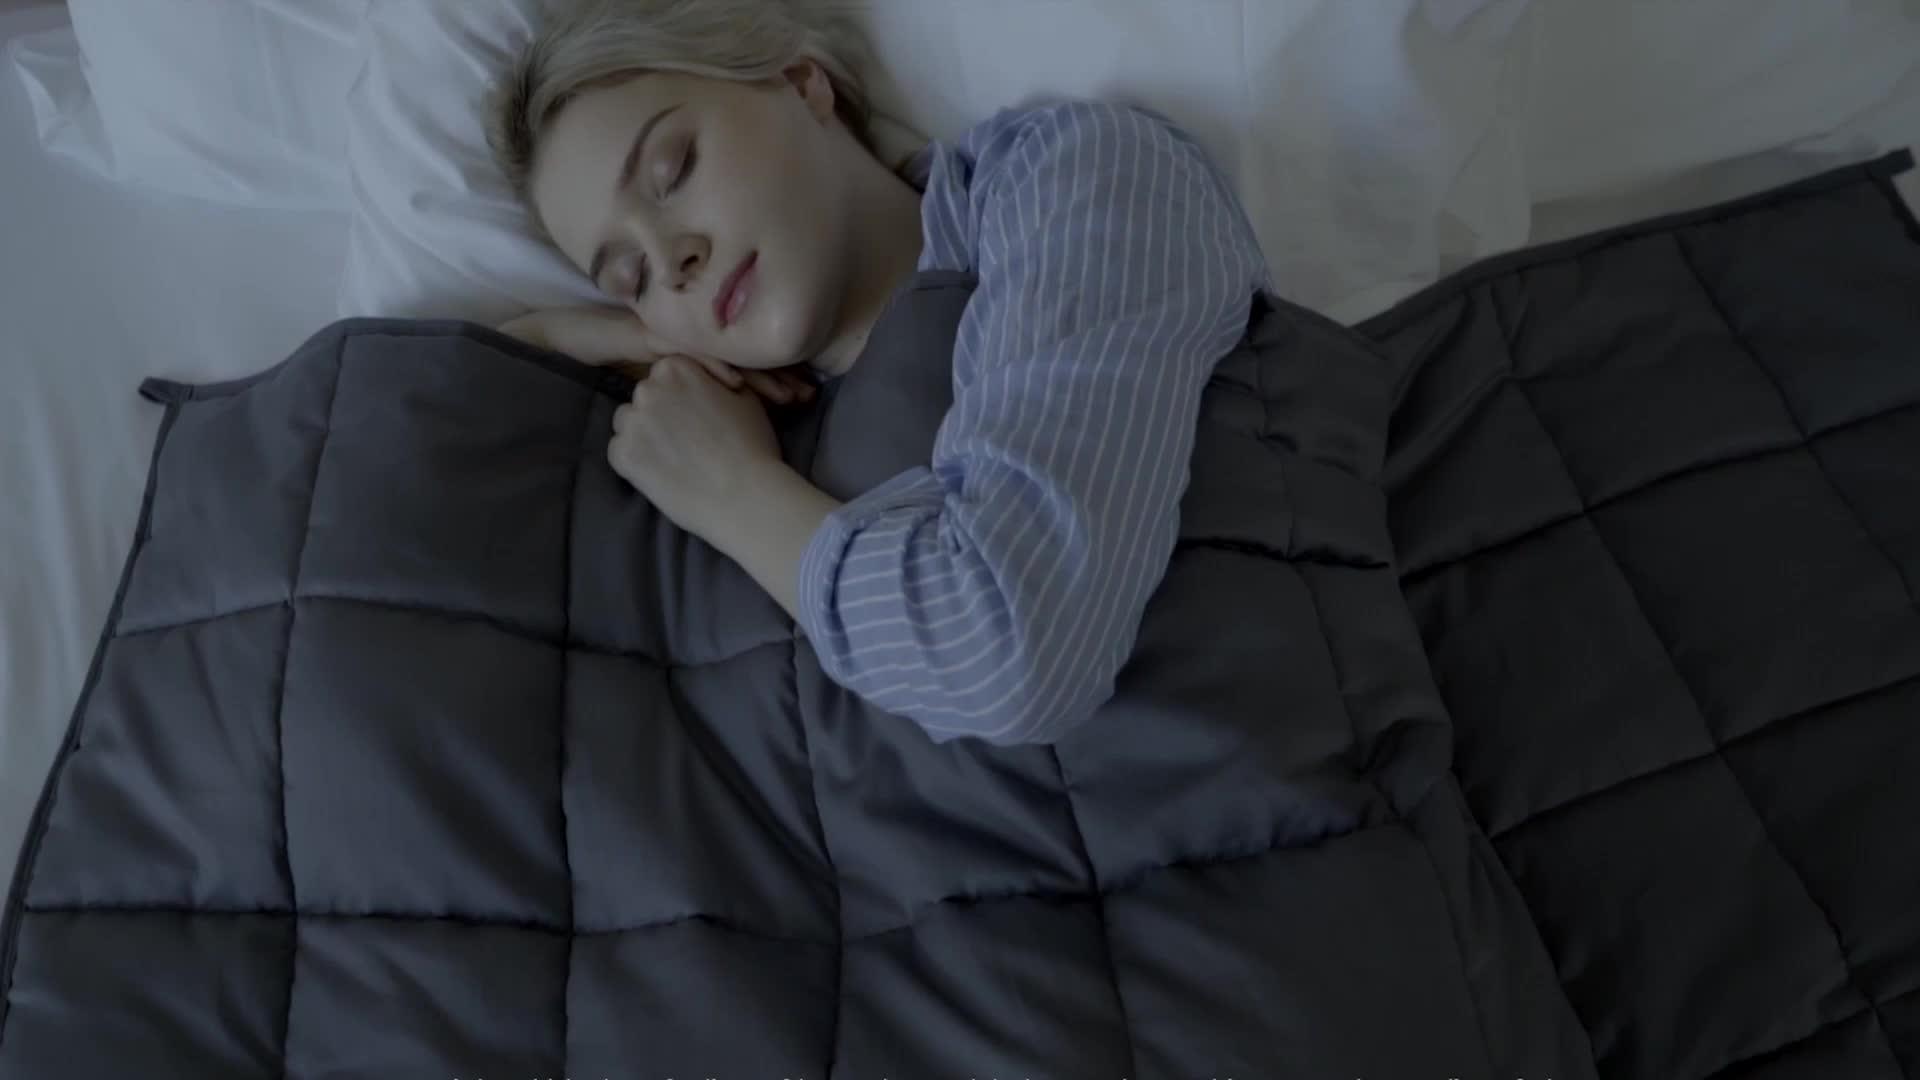 블랙 금요일 대상 월마트 뜨거운 판매 FDA 승인 minky to minky 맞춤 가중 담요